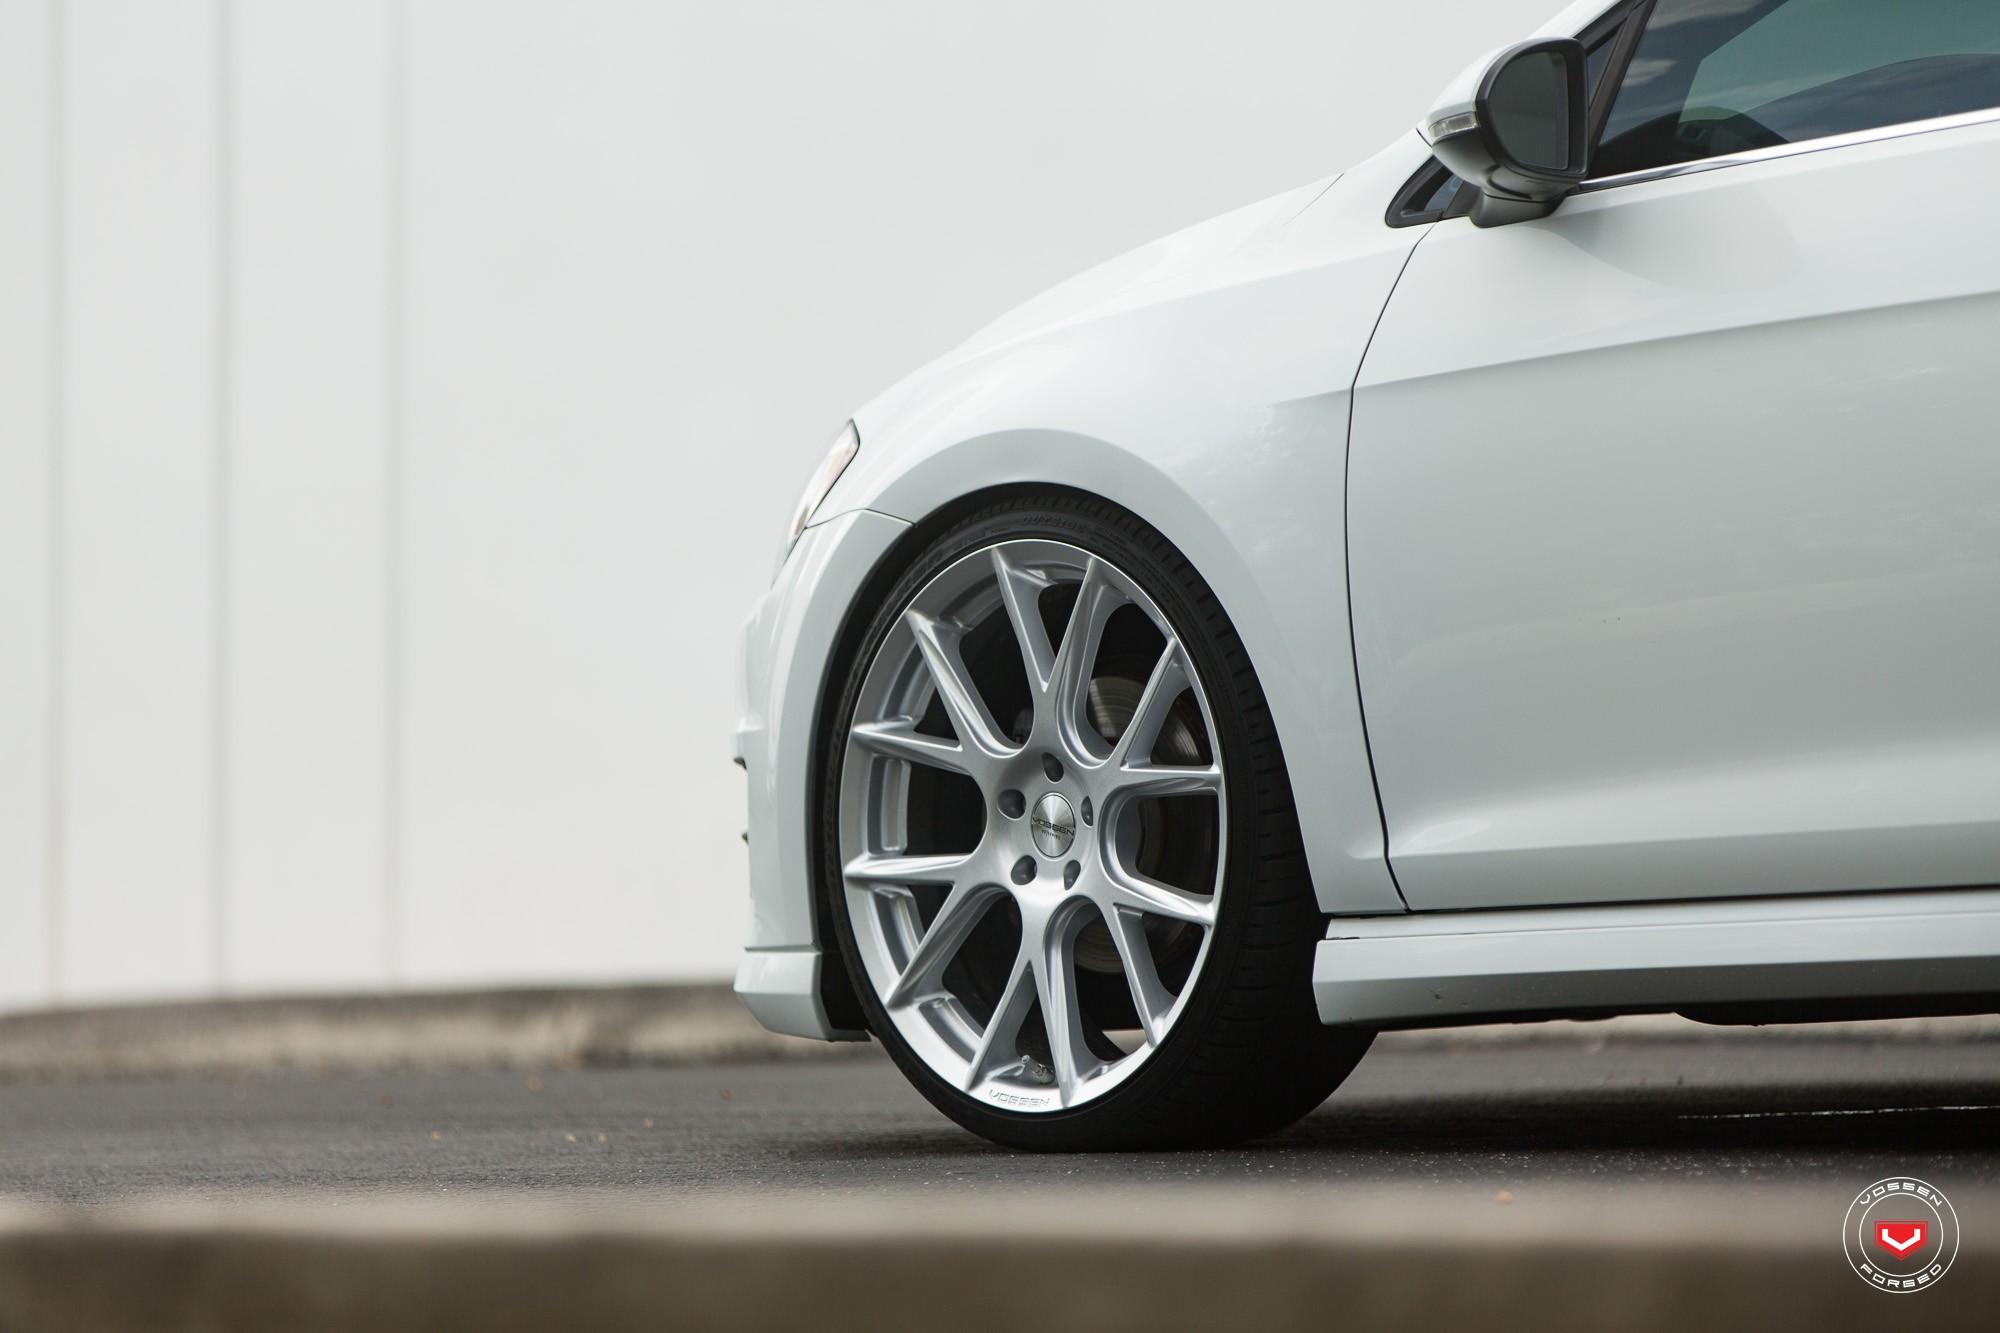 New Volkswagen Golf SportWagen Gets Vossen Wheels - autoevolution